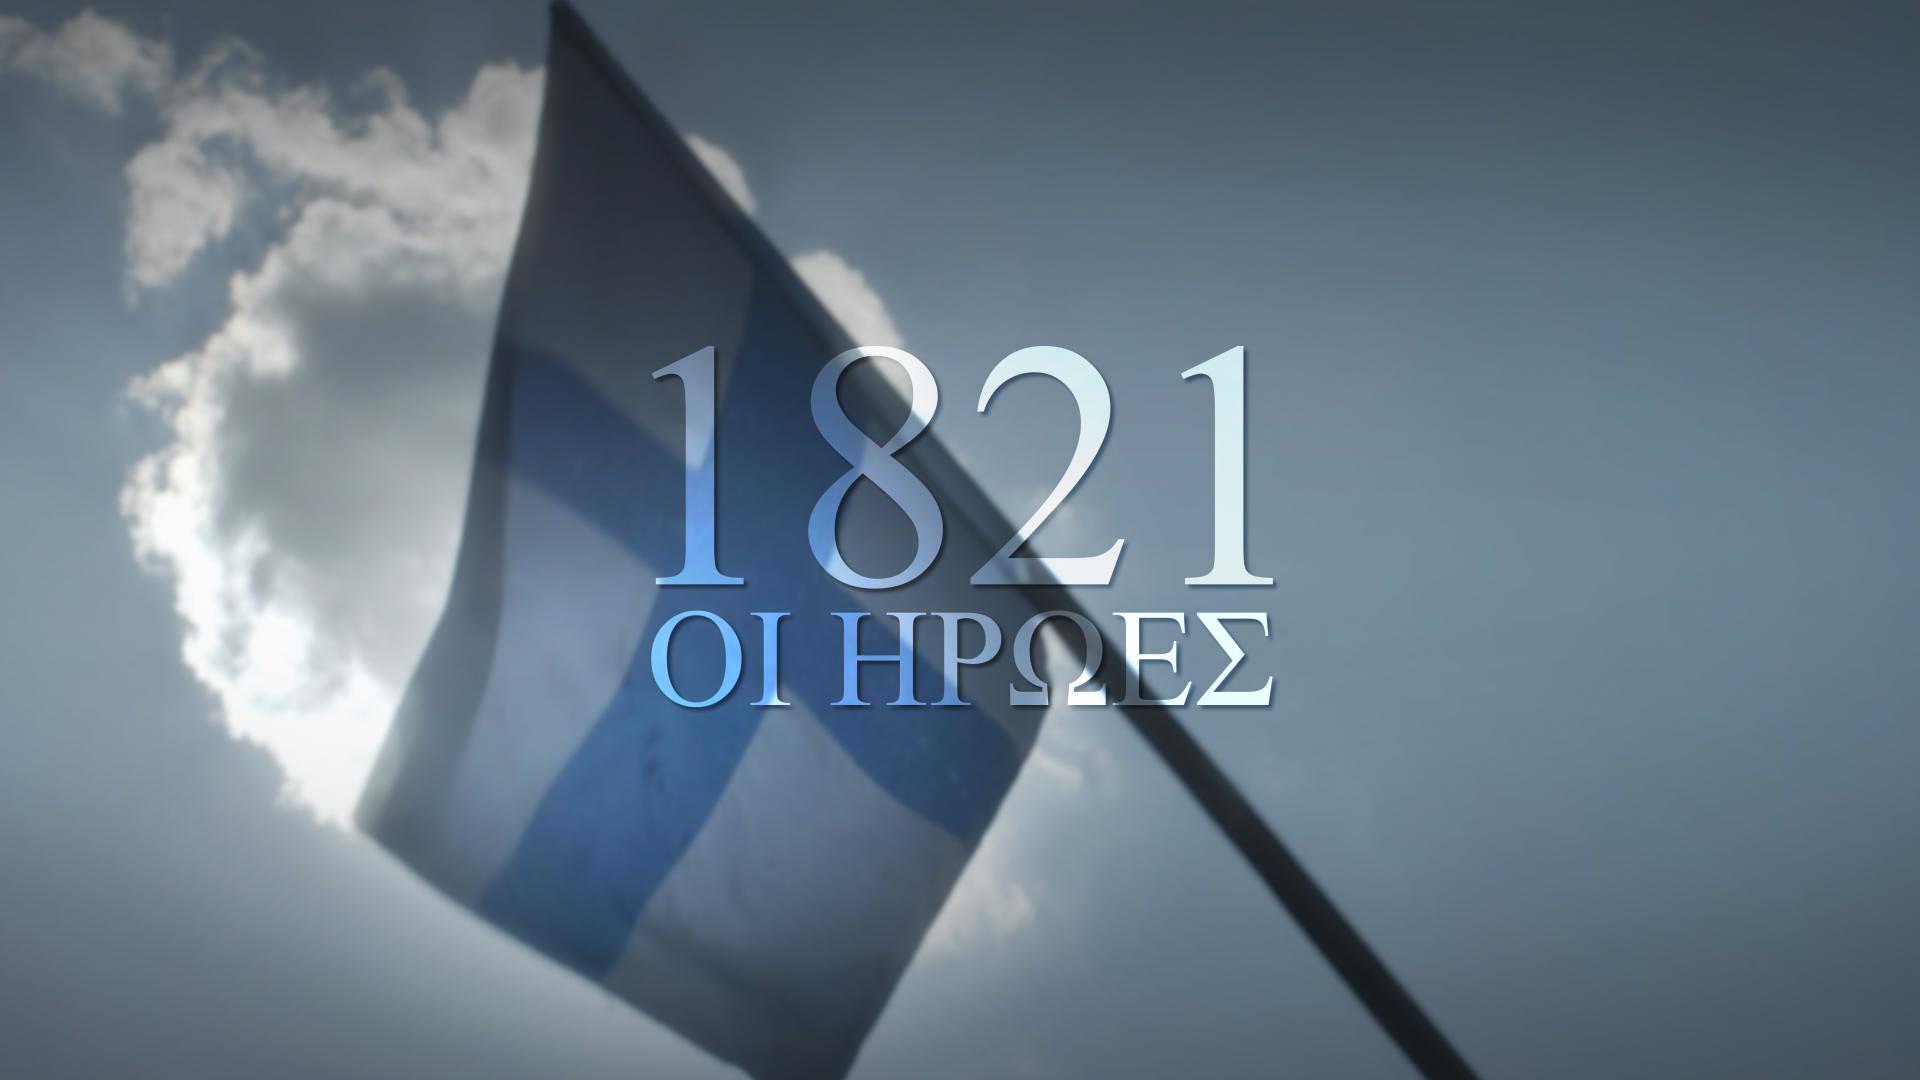 «1821: Οι Ήρωες»-Έρχεται η ιστορία της Μ. Μαυρογένους στον ΣΚΑΪ